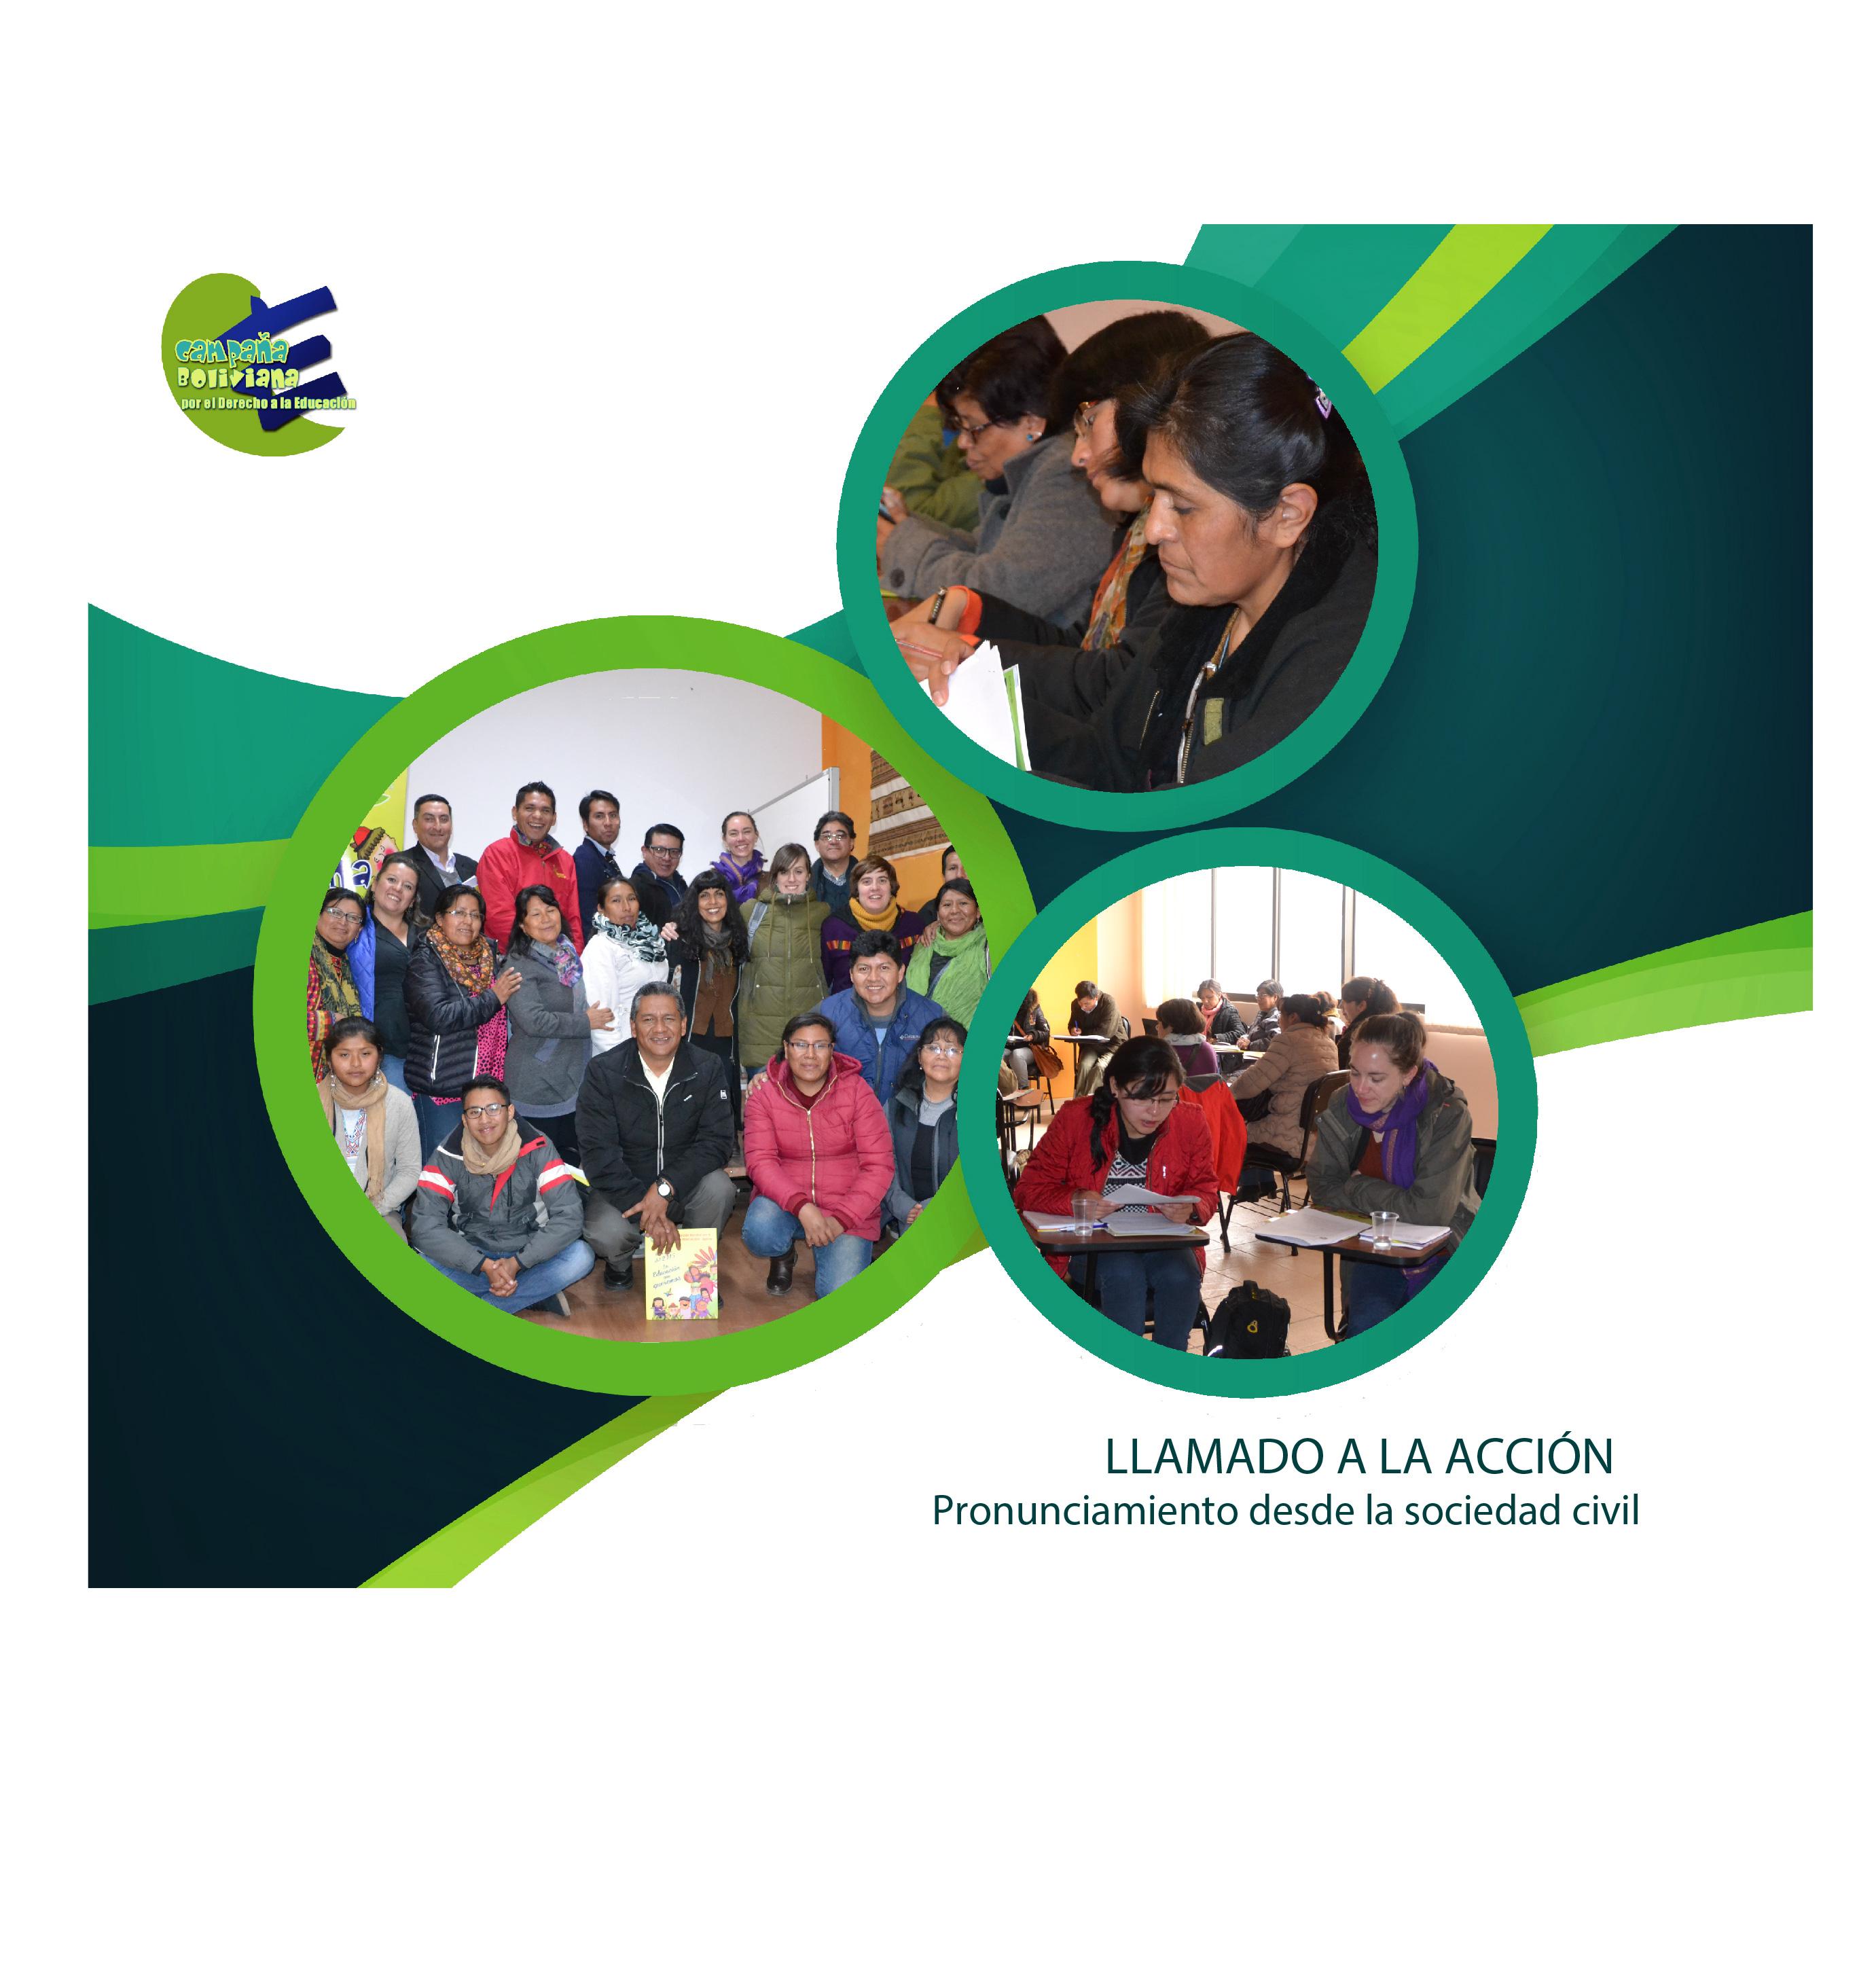 LLAMADO A LA ACCIÓN: Pronunciamiento desde la sociedad civil